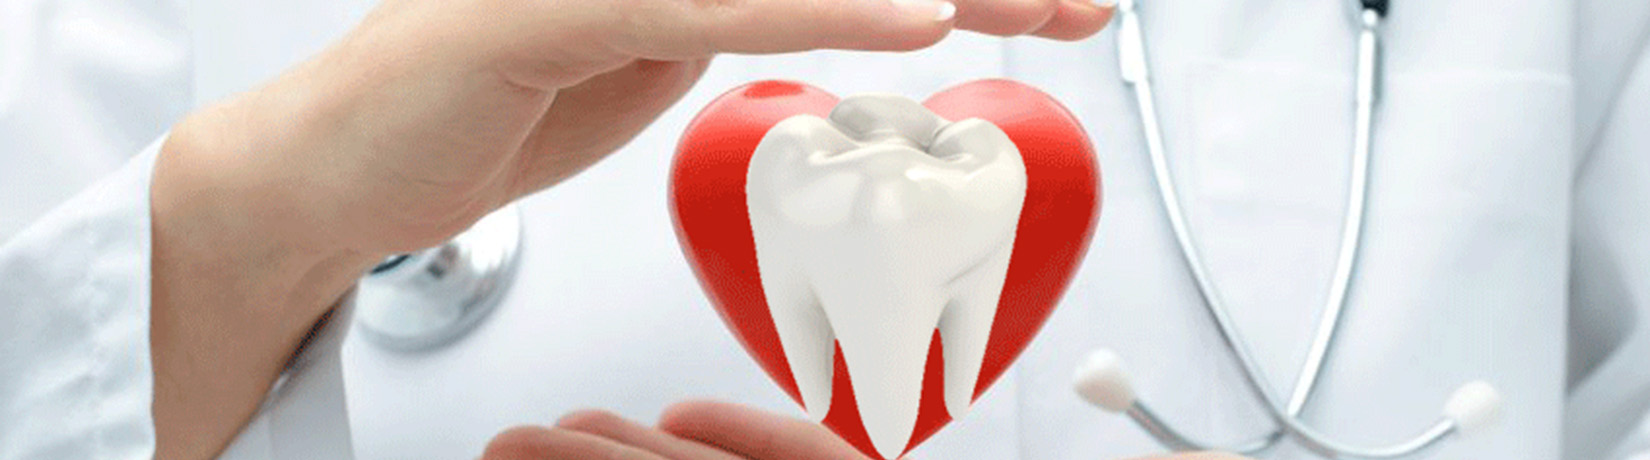 Неполадки с организмом – проверьте зубы